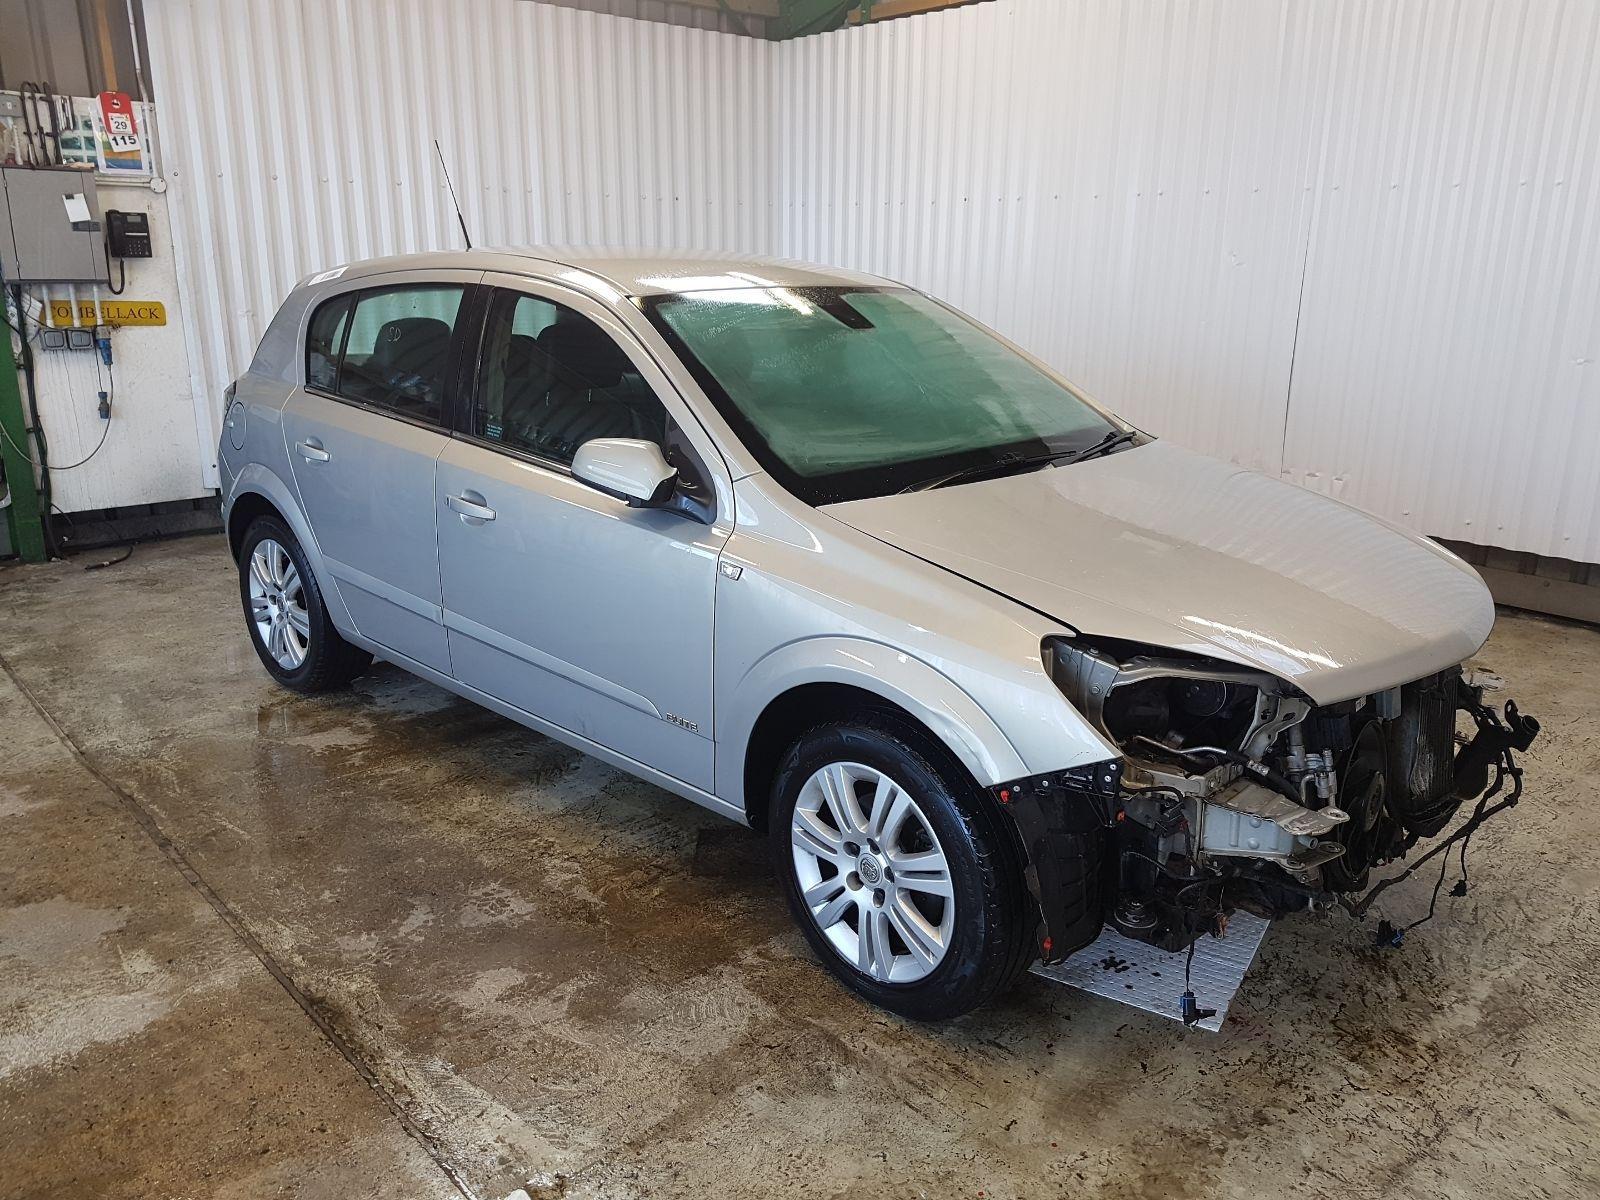 Vauxhall Astra 2004 To 2006 Elite 5 Door Hatchback